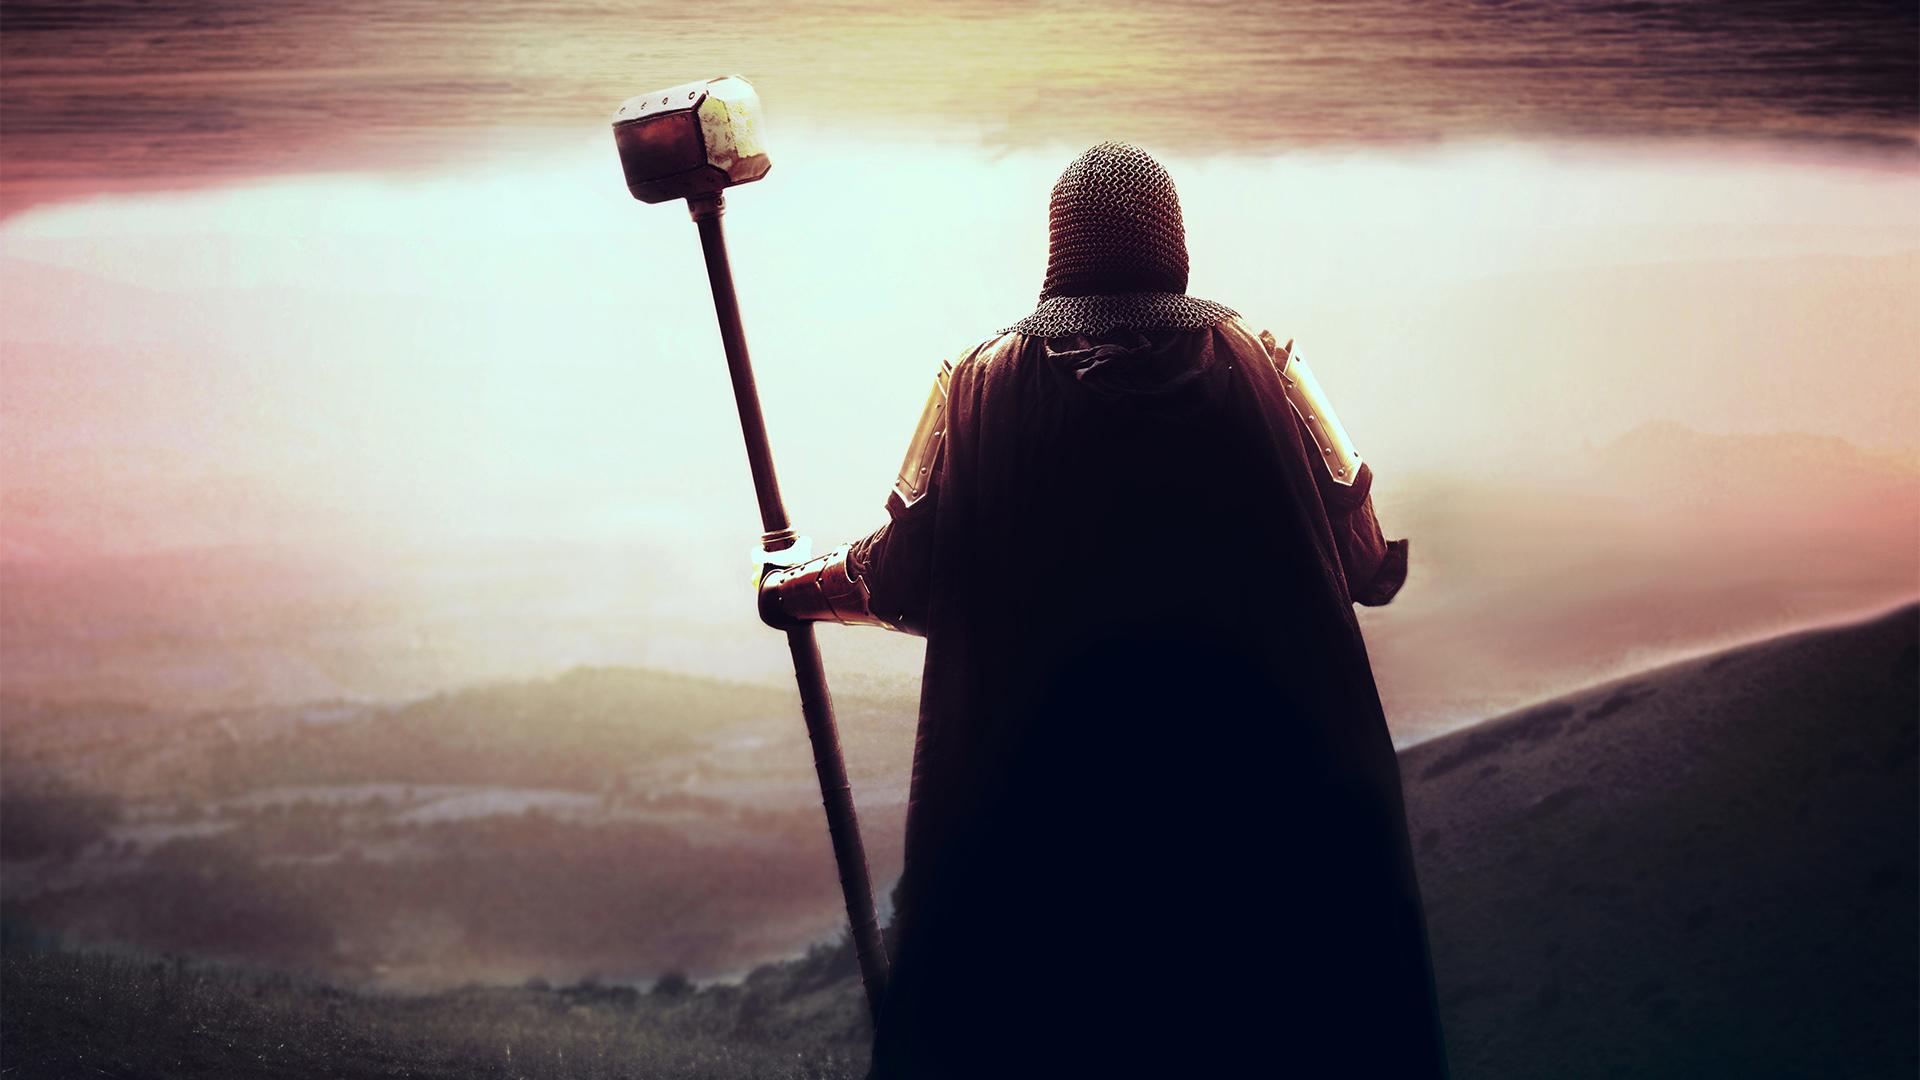 ezotéria jeruzsálem keresztény lovagrend keresztények krisztus legenda szent grál templomos nagymester torinói lepel ványik dóra